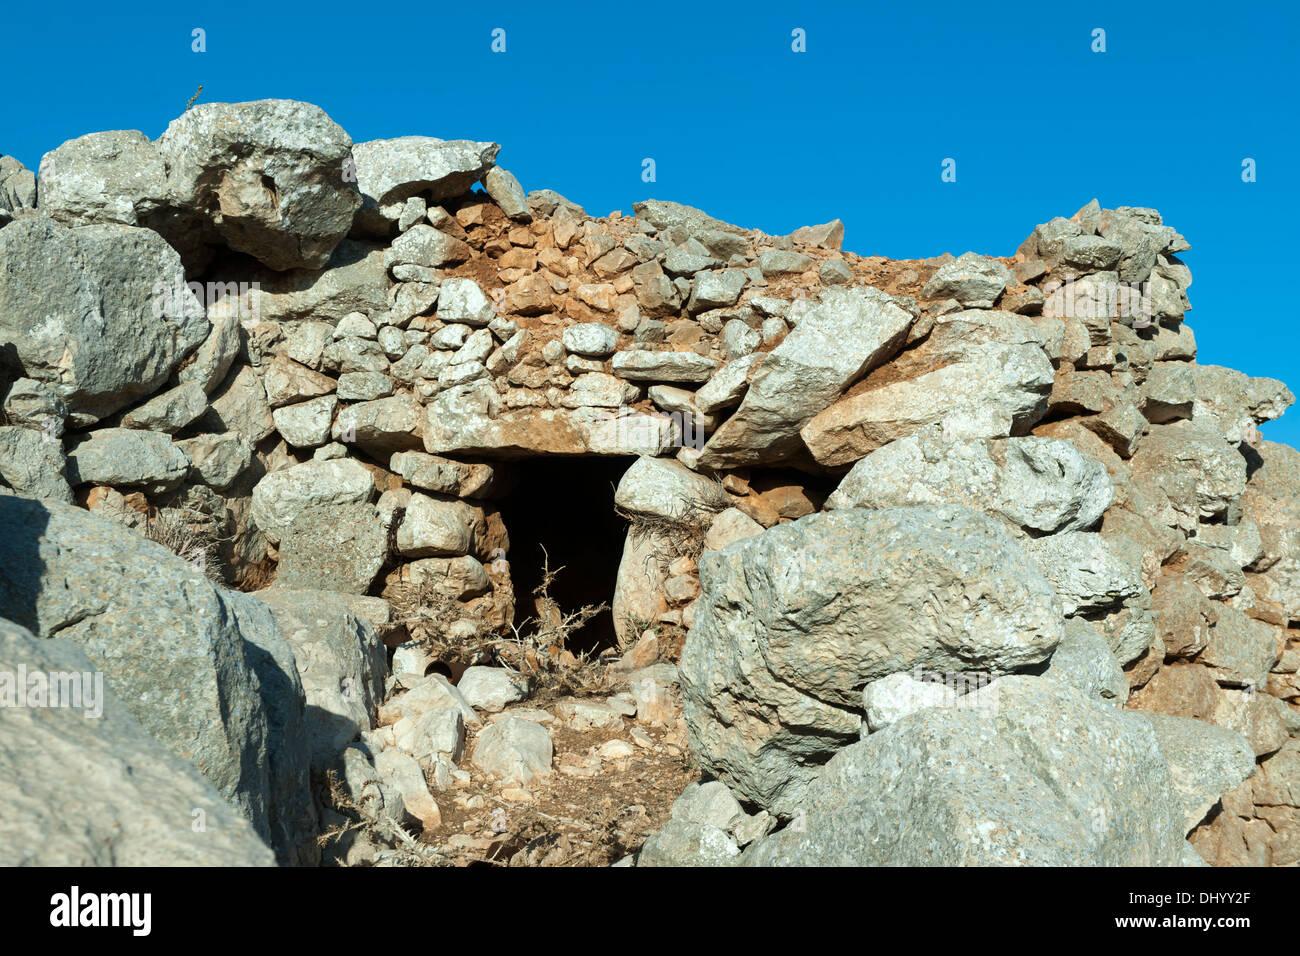 Griechenland, Dodekanes, Insel Chalki, Hirtenbehausung Stockbild